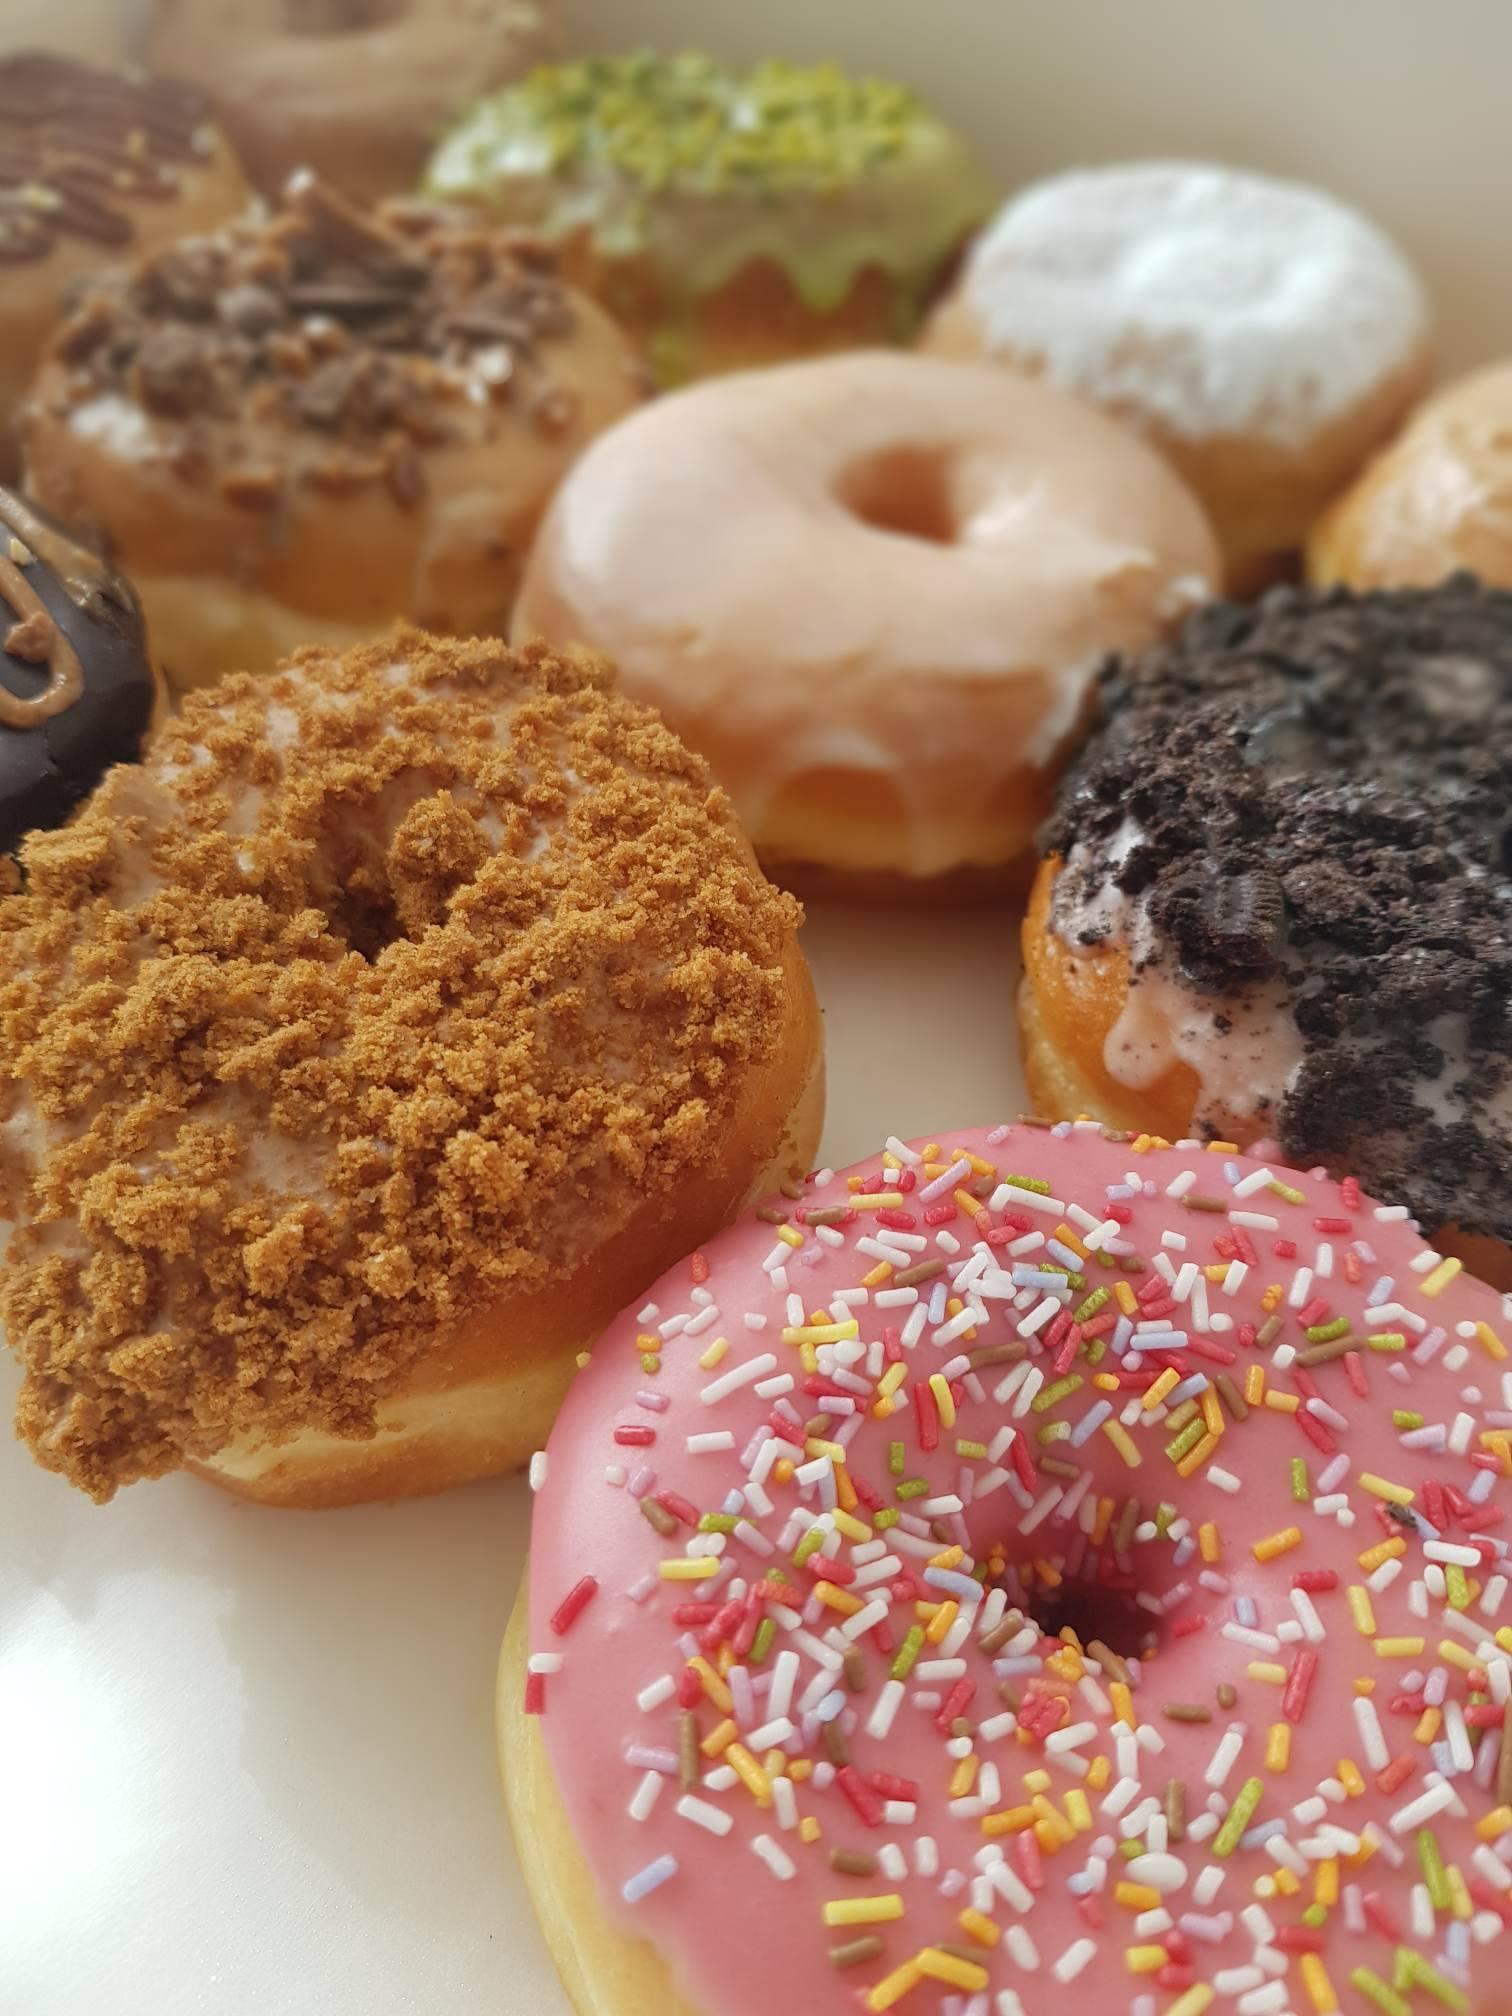 suisse-lausanne-donutime-donuts-clioandco-blog-voyage-les-différences-france-suisse